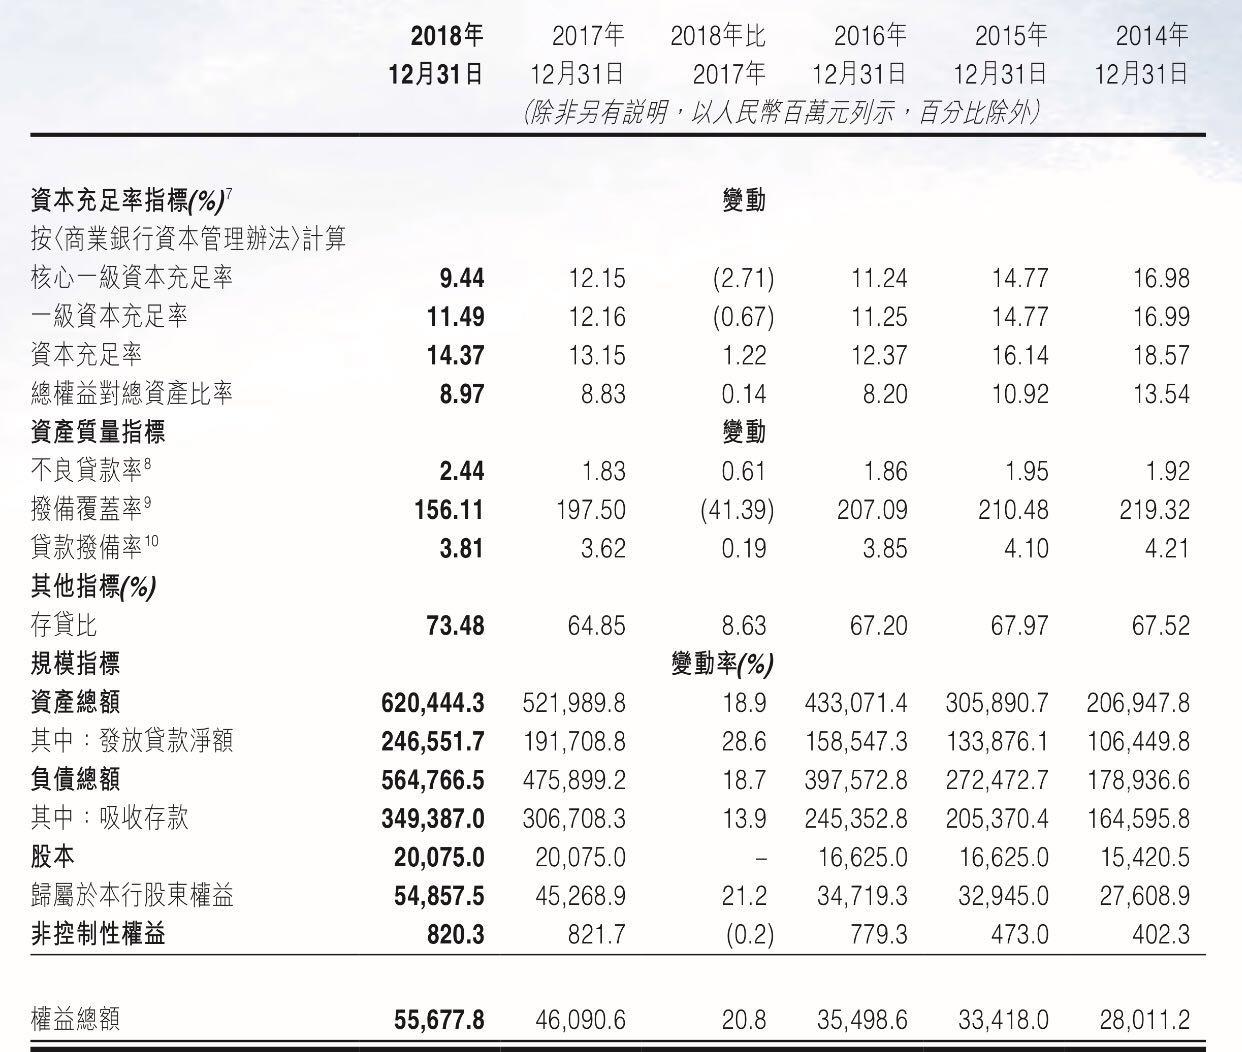 中原银行不良率破新高 斥巨资收购资产或为优化净利?